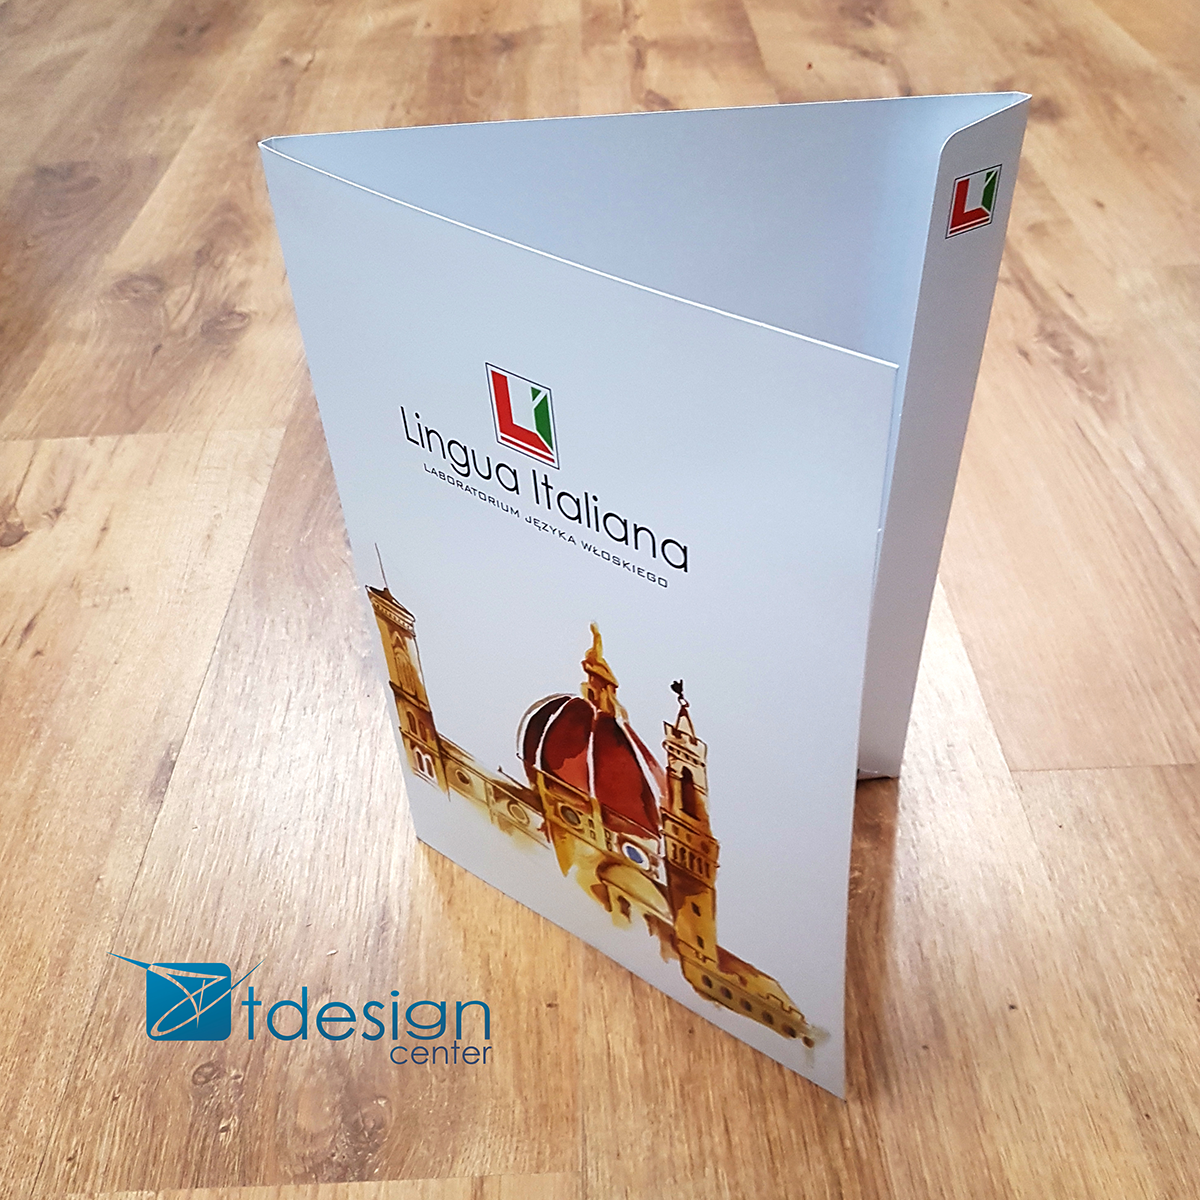 Teczka A4 - projekt + druk -> przód Realizacja dla szkoły językowej Lingua Italiana